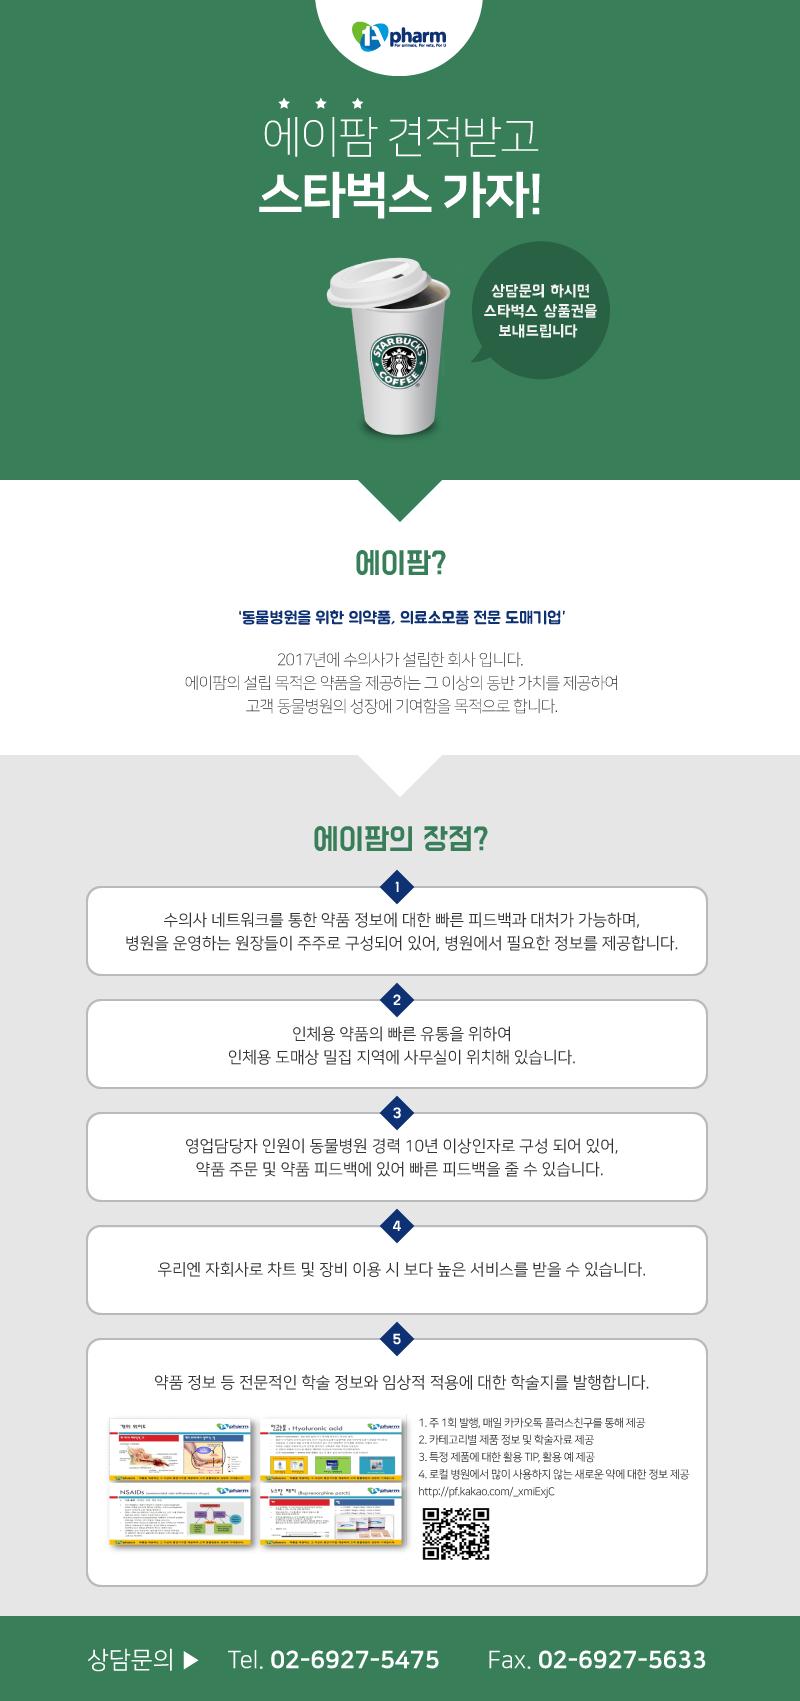 에이팜견적이벤트_상세페이지_200216.png